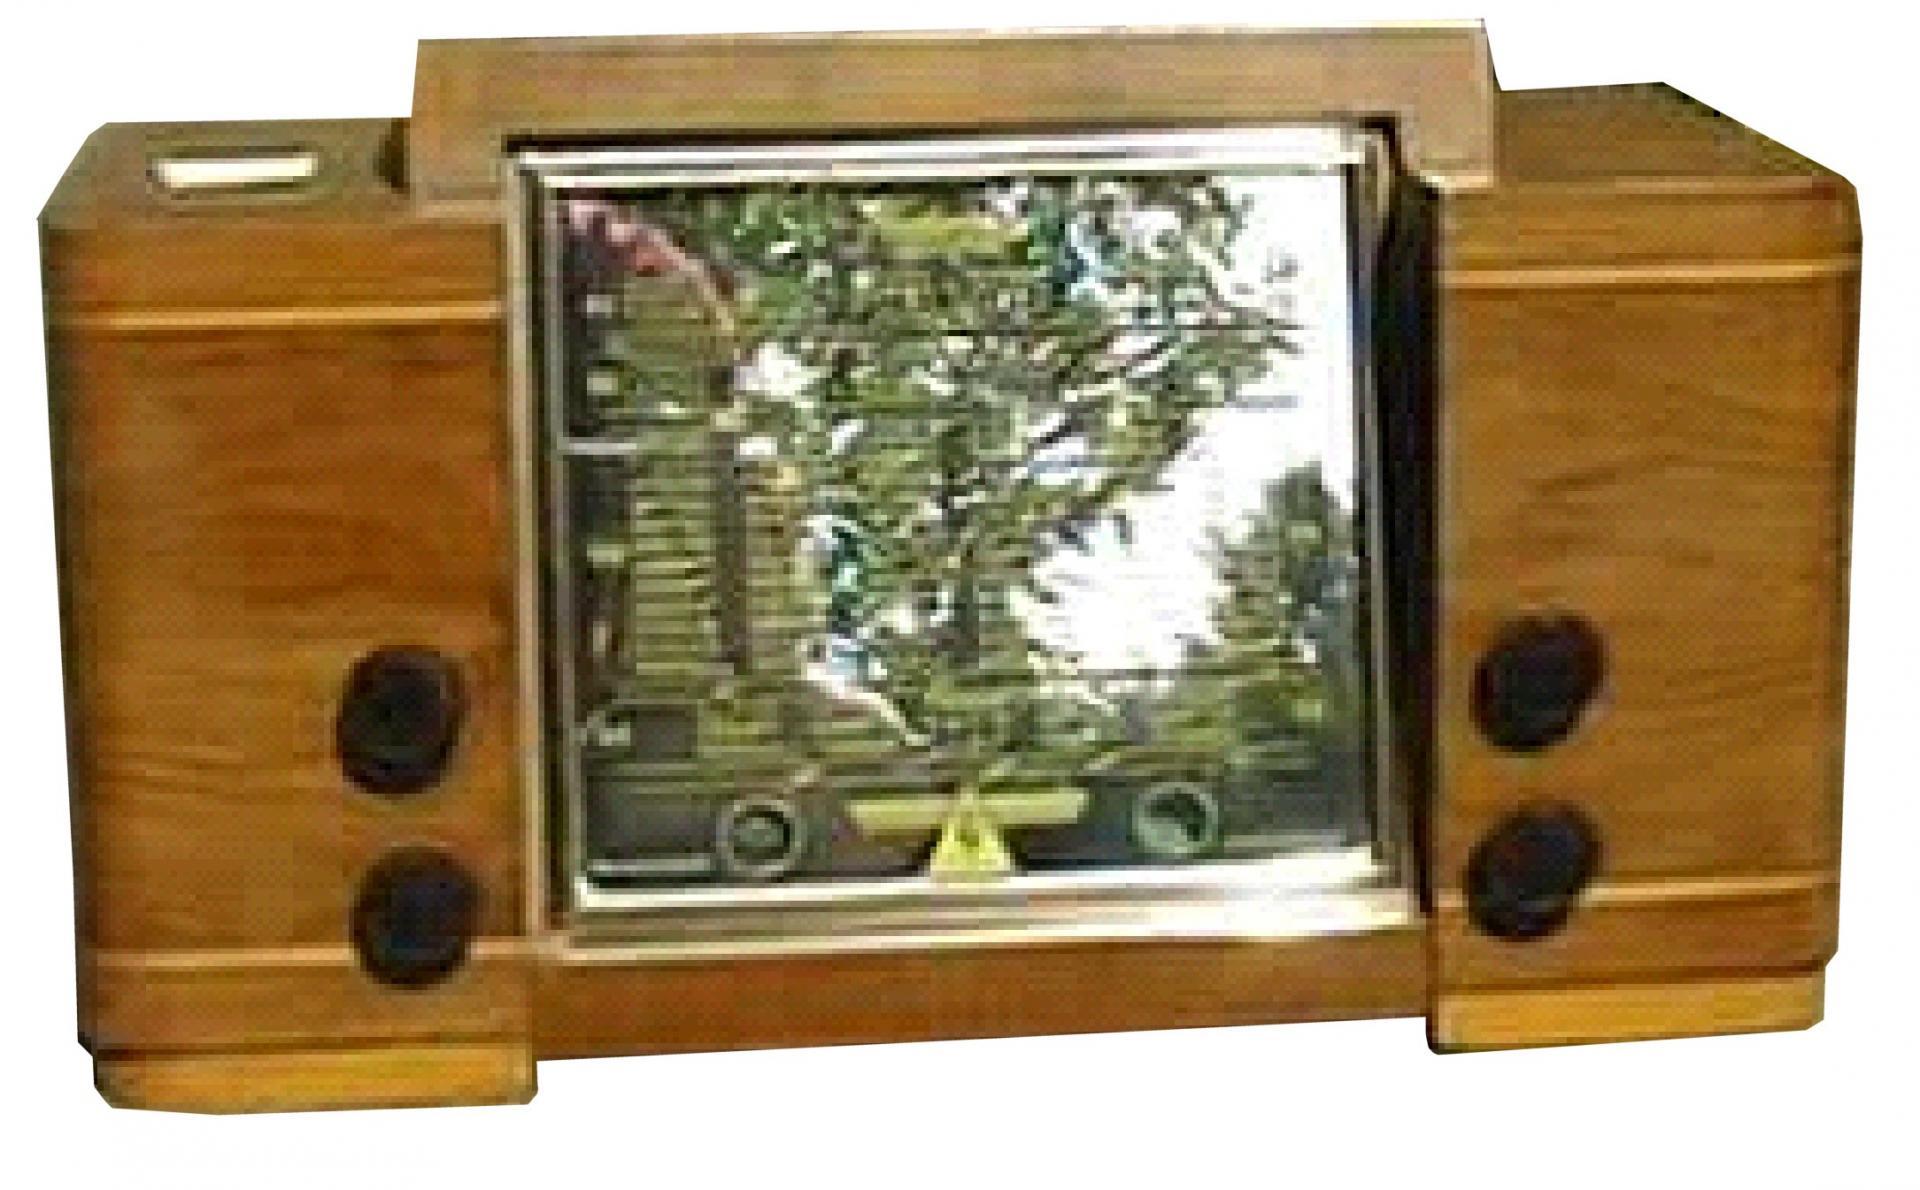 Radiomuse Pinacle 51